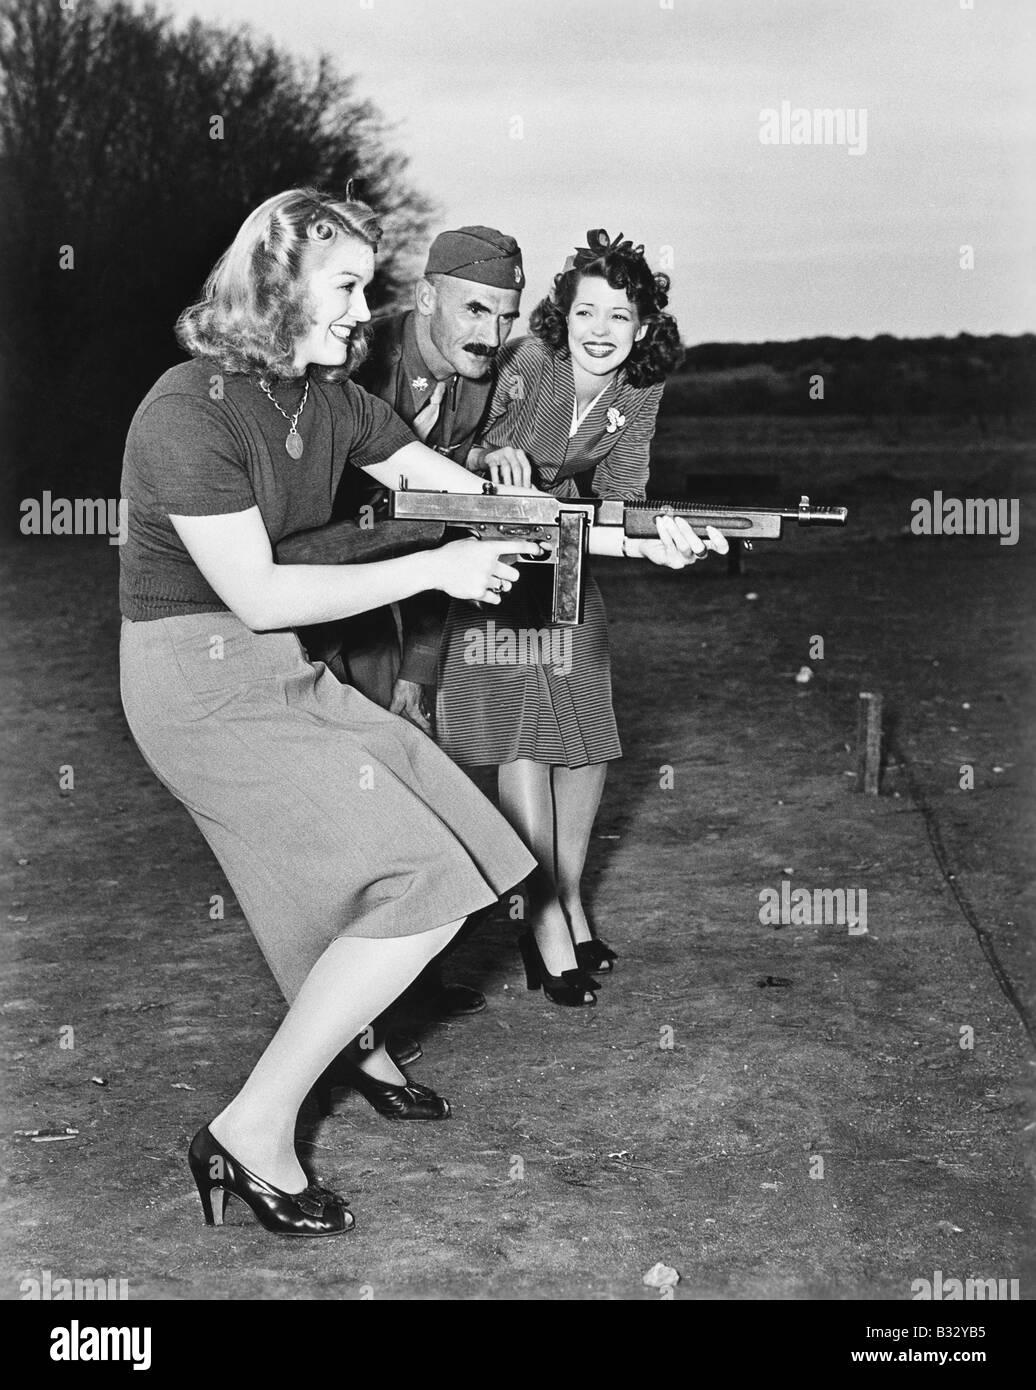 Dos jóvenes mujeres y un soldado probando una ametralladora Imagen De Stock